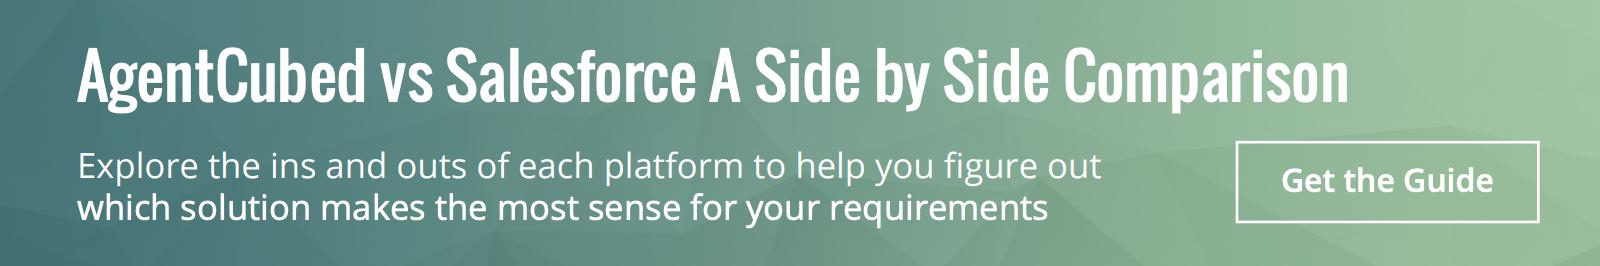 AgentCubed v Salesforce Side-by-Side Comparison CTA